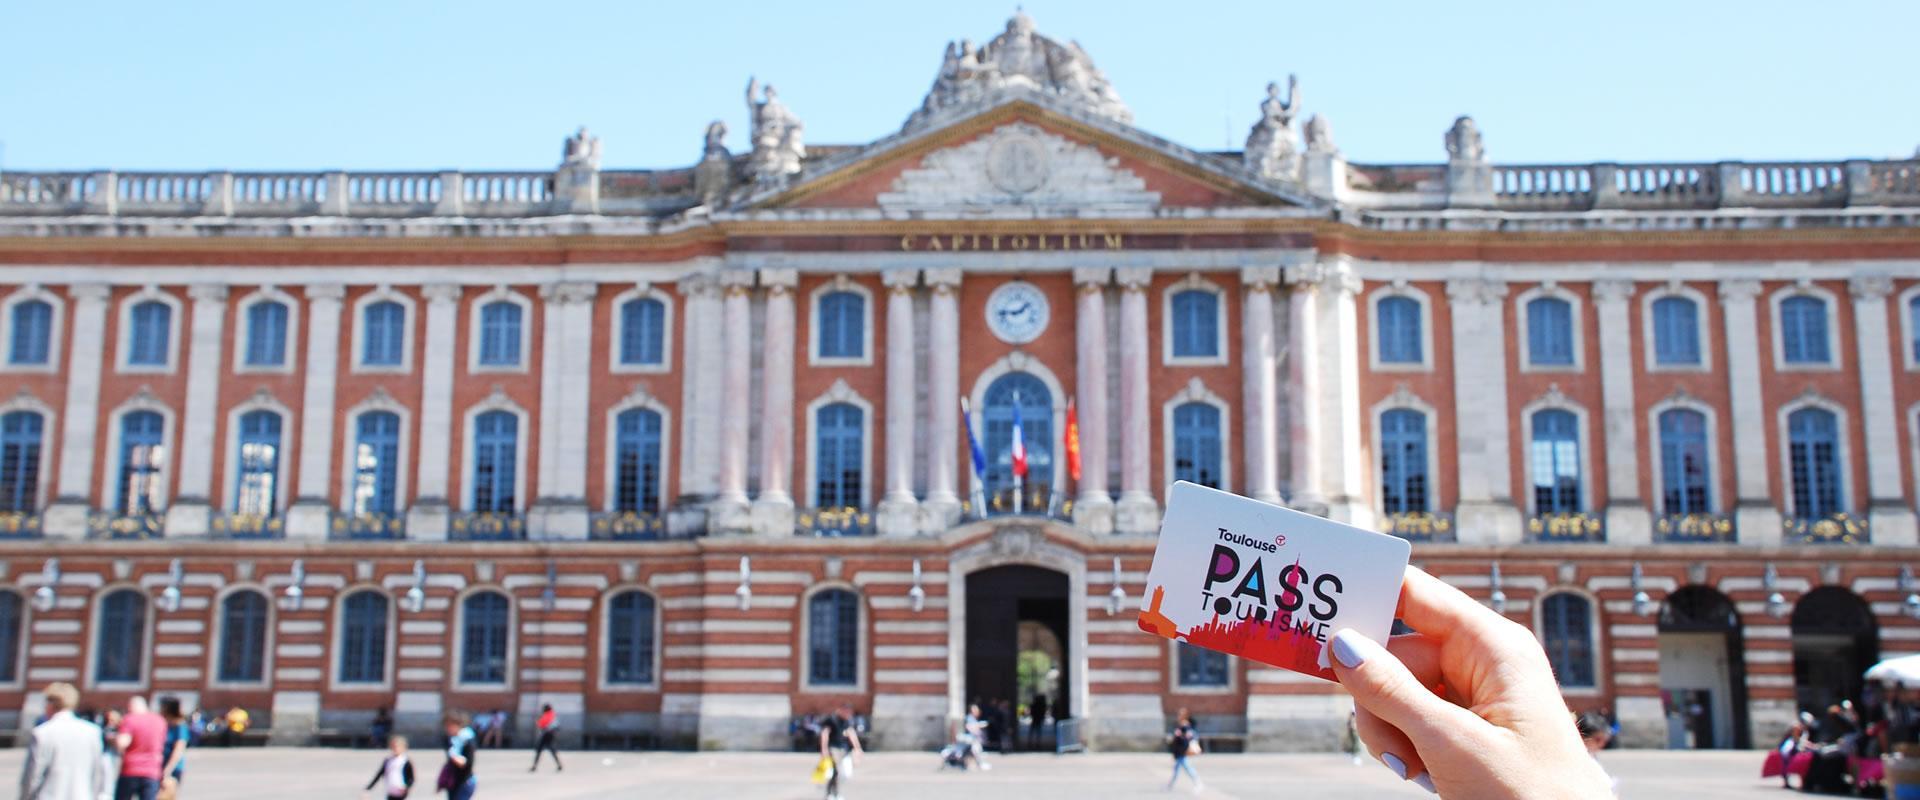 Pass tourisme place du Capitole